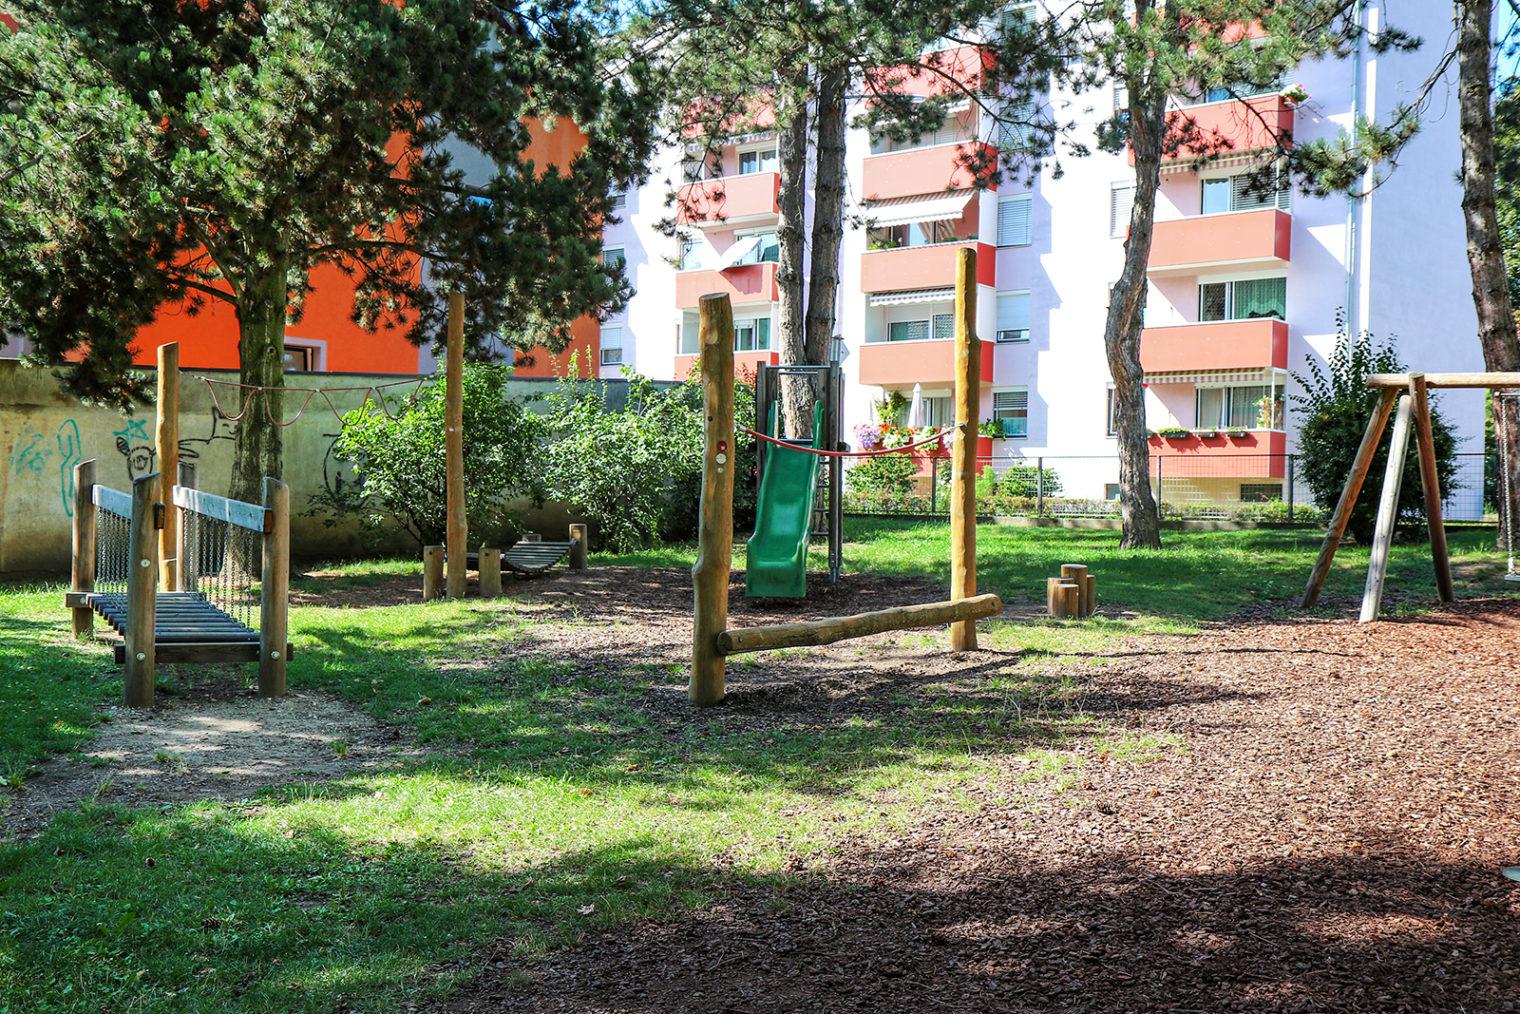 Spielgeräte am Leobener Spielplatz Pebalstrasse